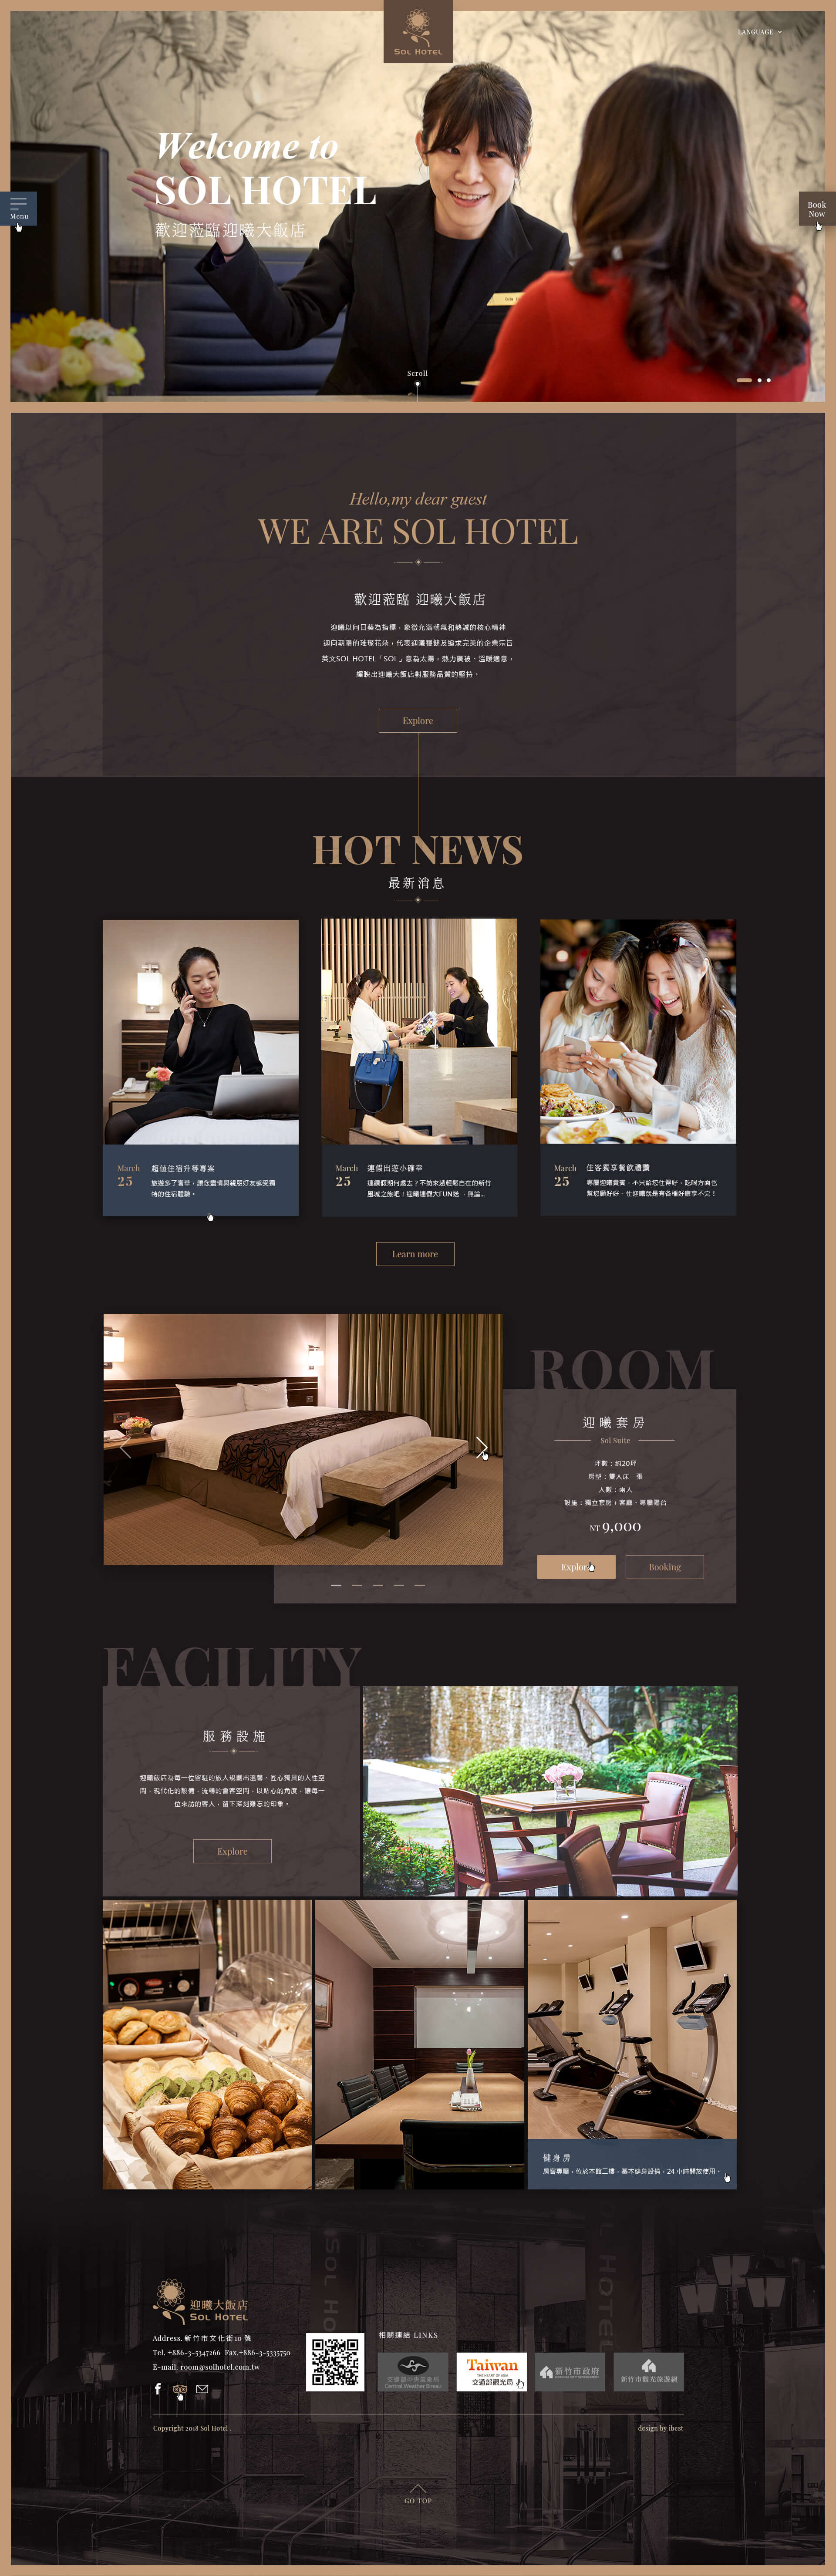 迎曦大飯店-網頁設計